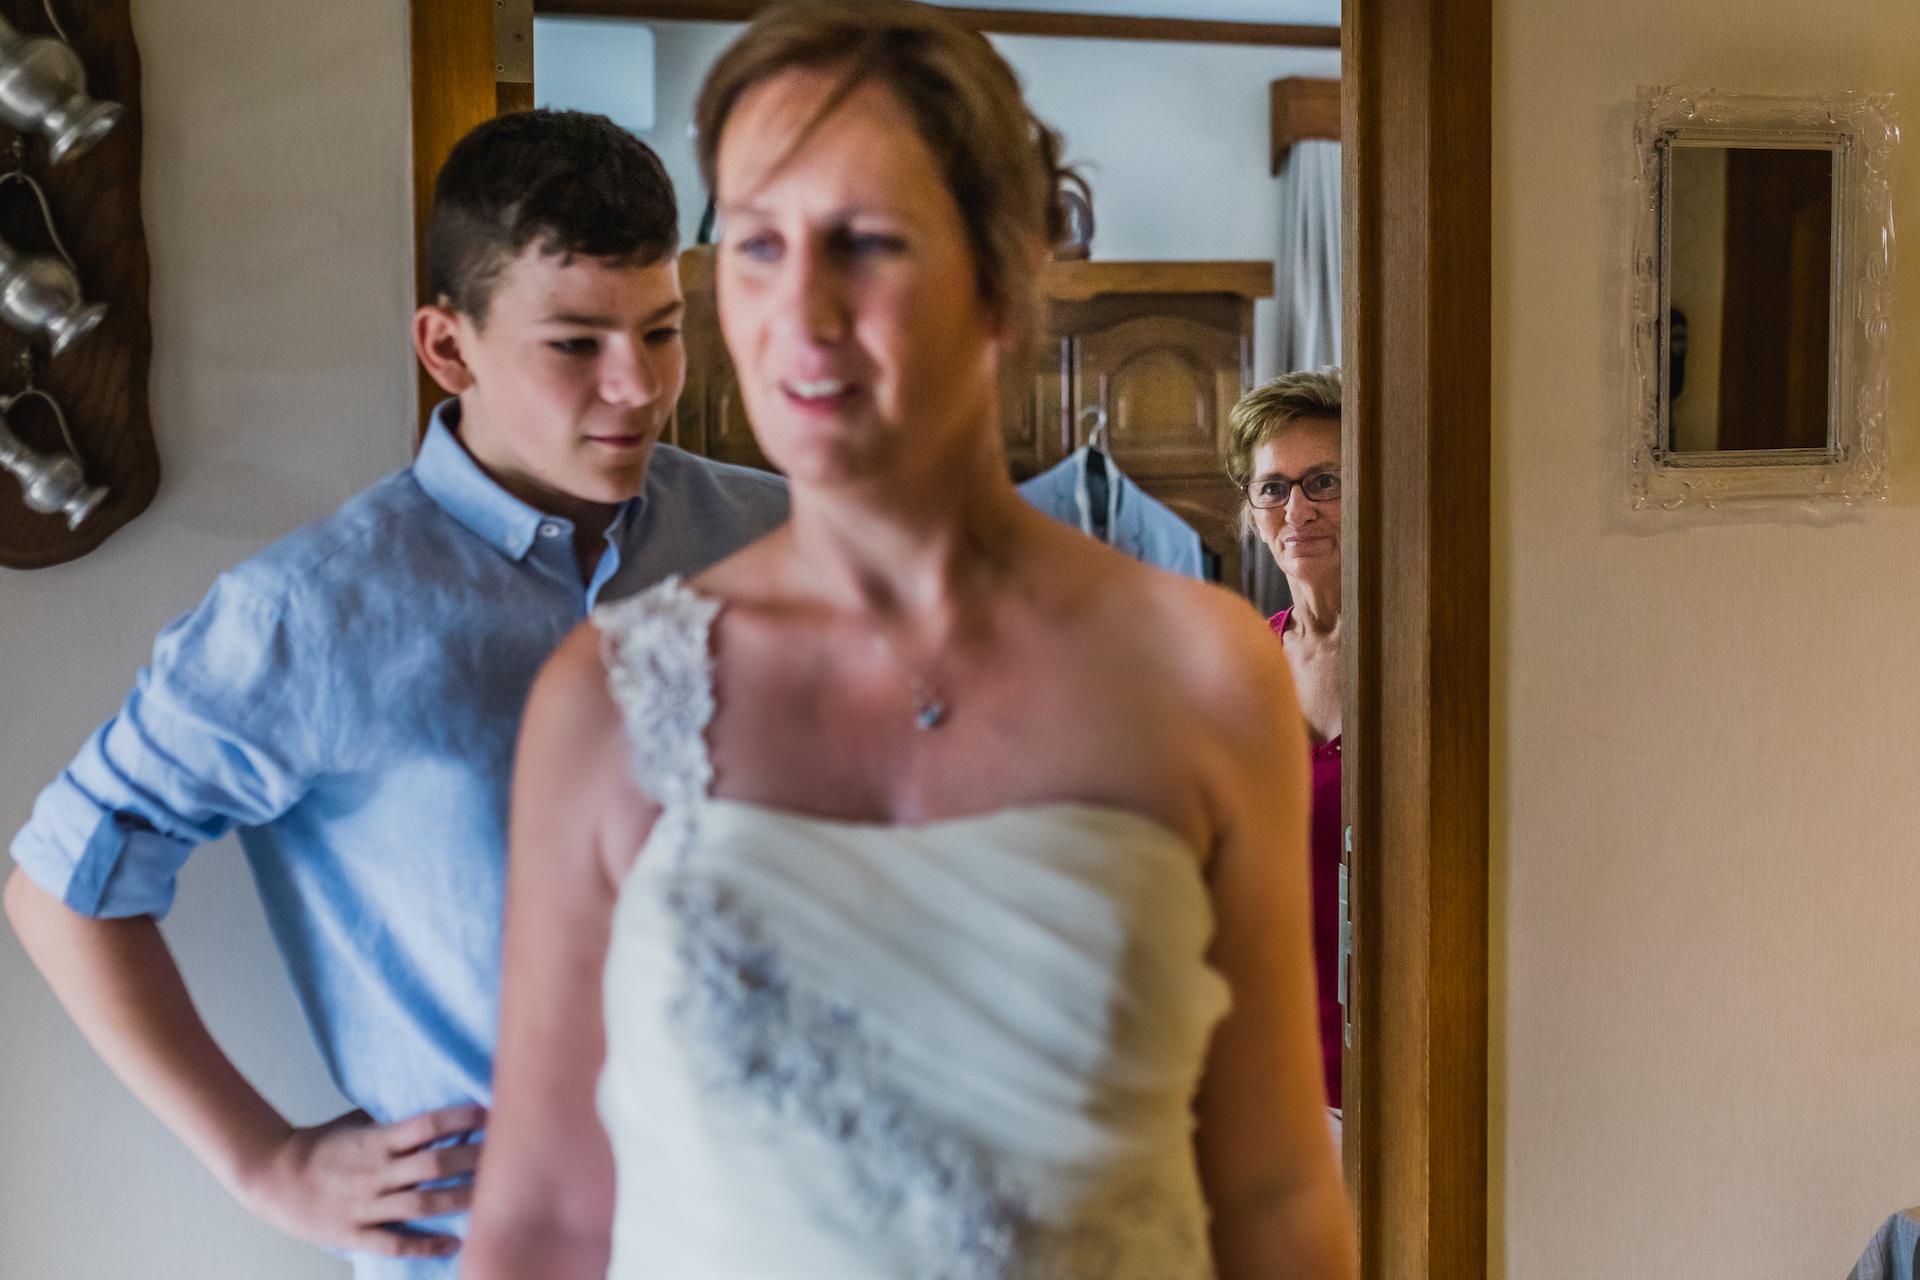 Bruselas, Bélgica Fotógrafo de fuga | La familia de la novia mira con amor